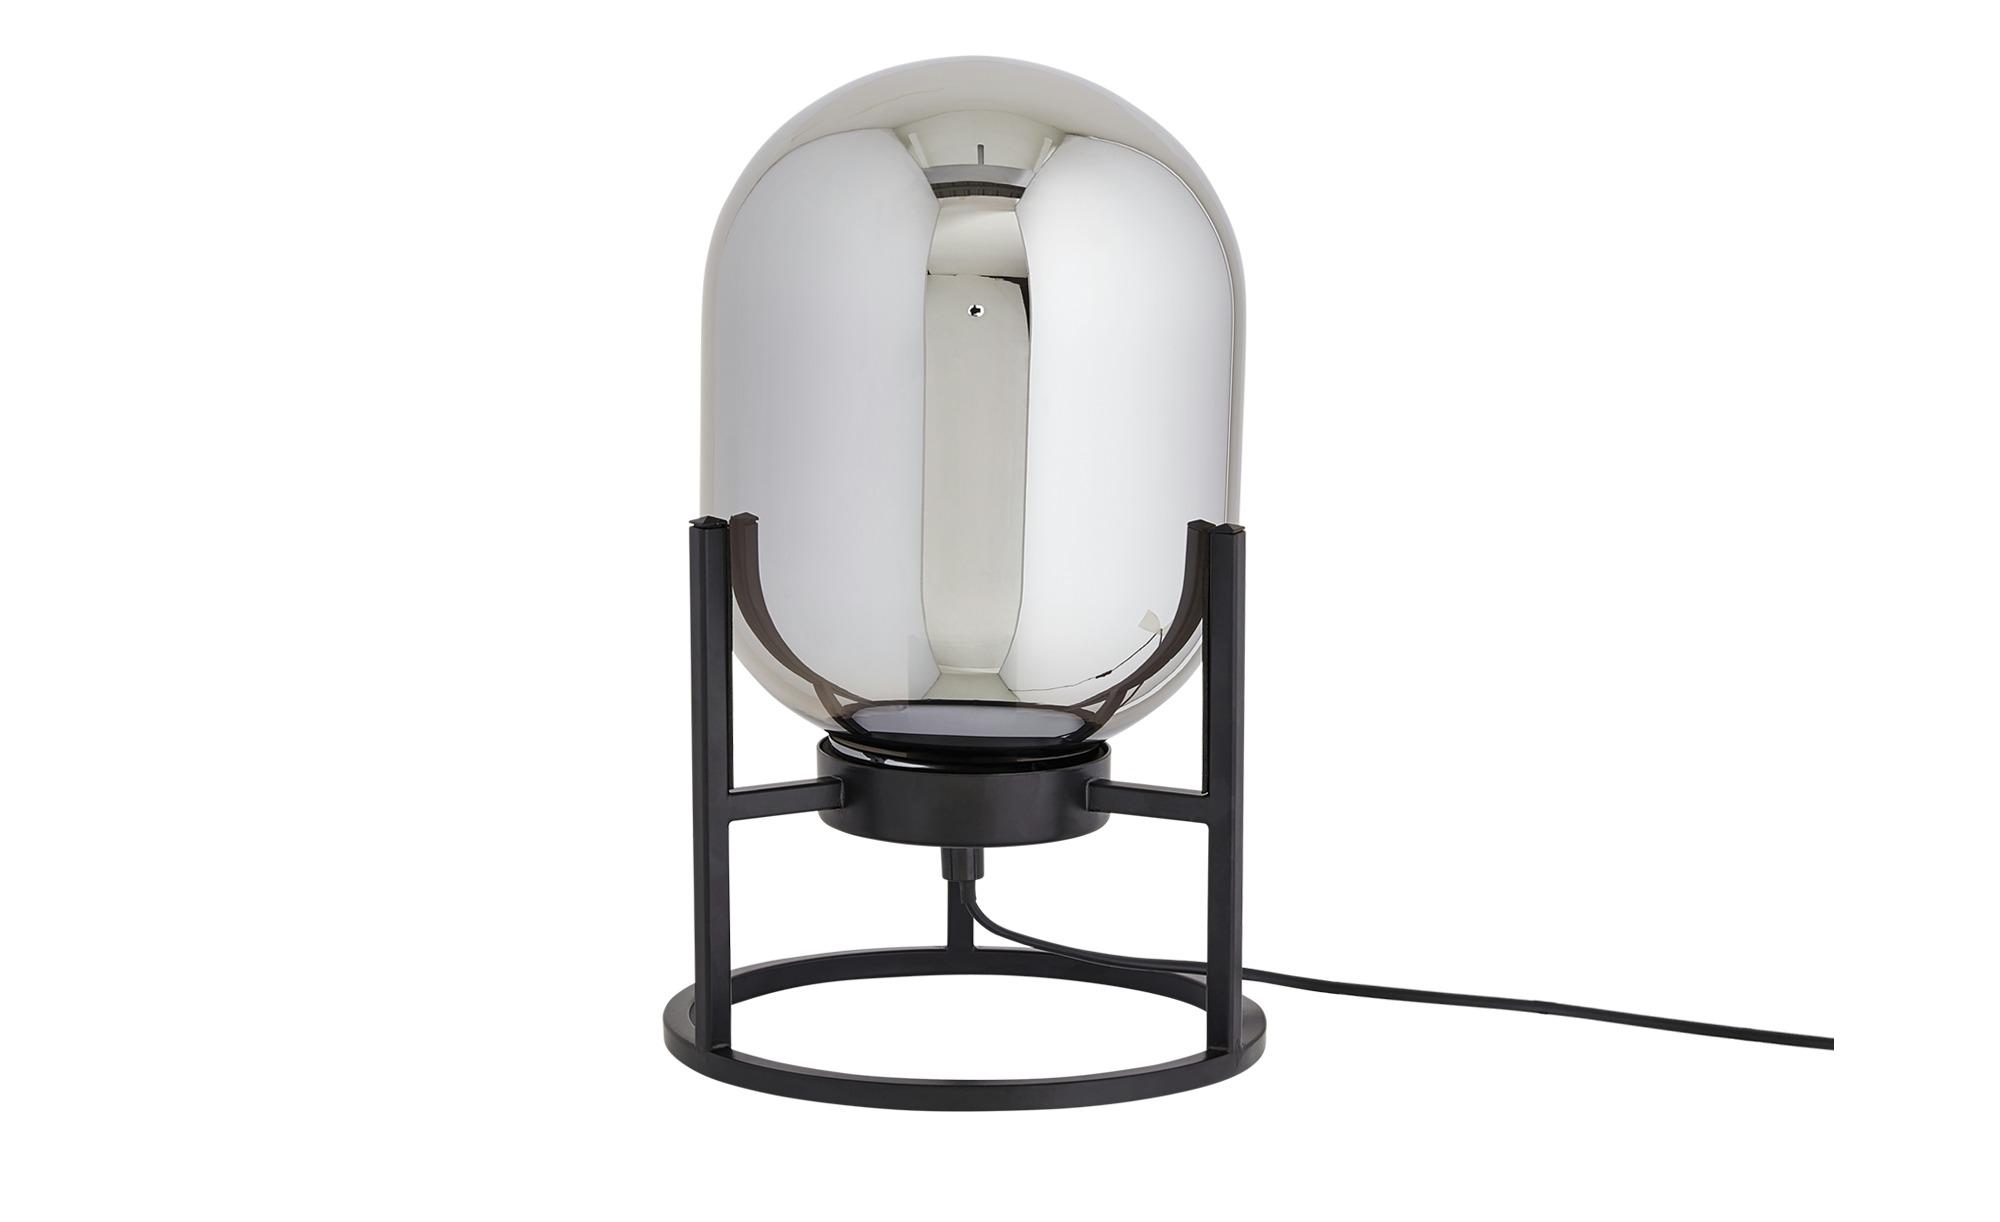 Fischer-Honsel Tischleuchte, 1-flammig ¦ schwarz ¦ Maße (cm): H: 34 Ø: 21 Lampen & Leuchten > Innenleuchten > Tischlampen - Höffner